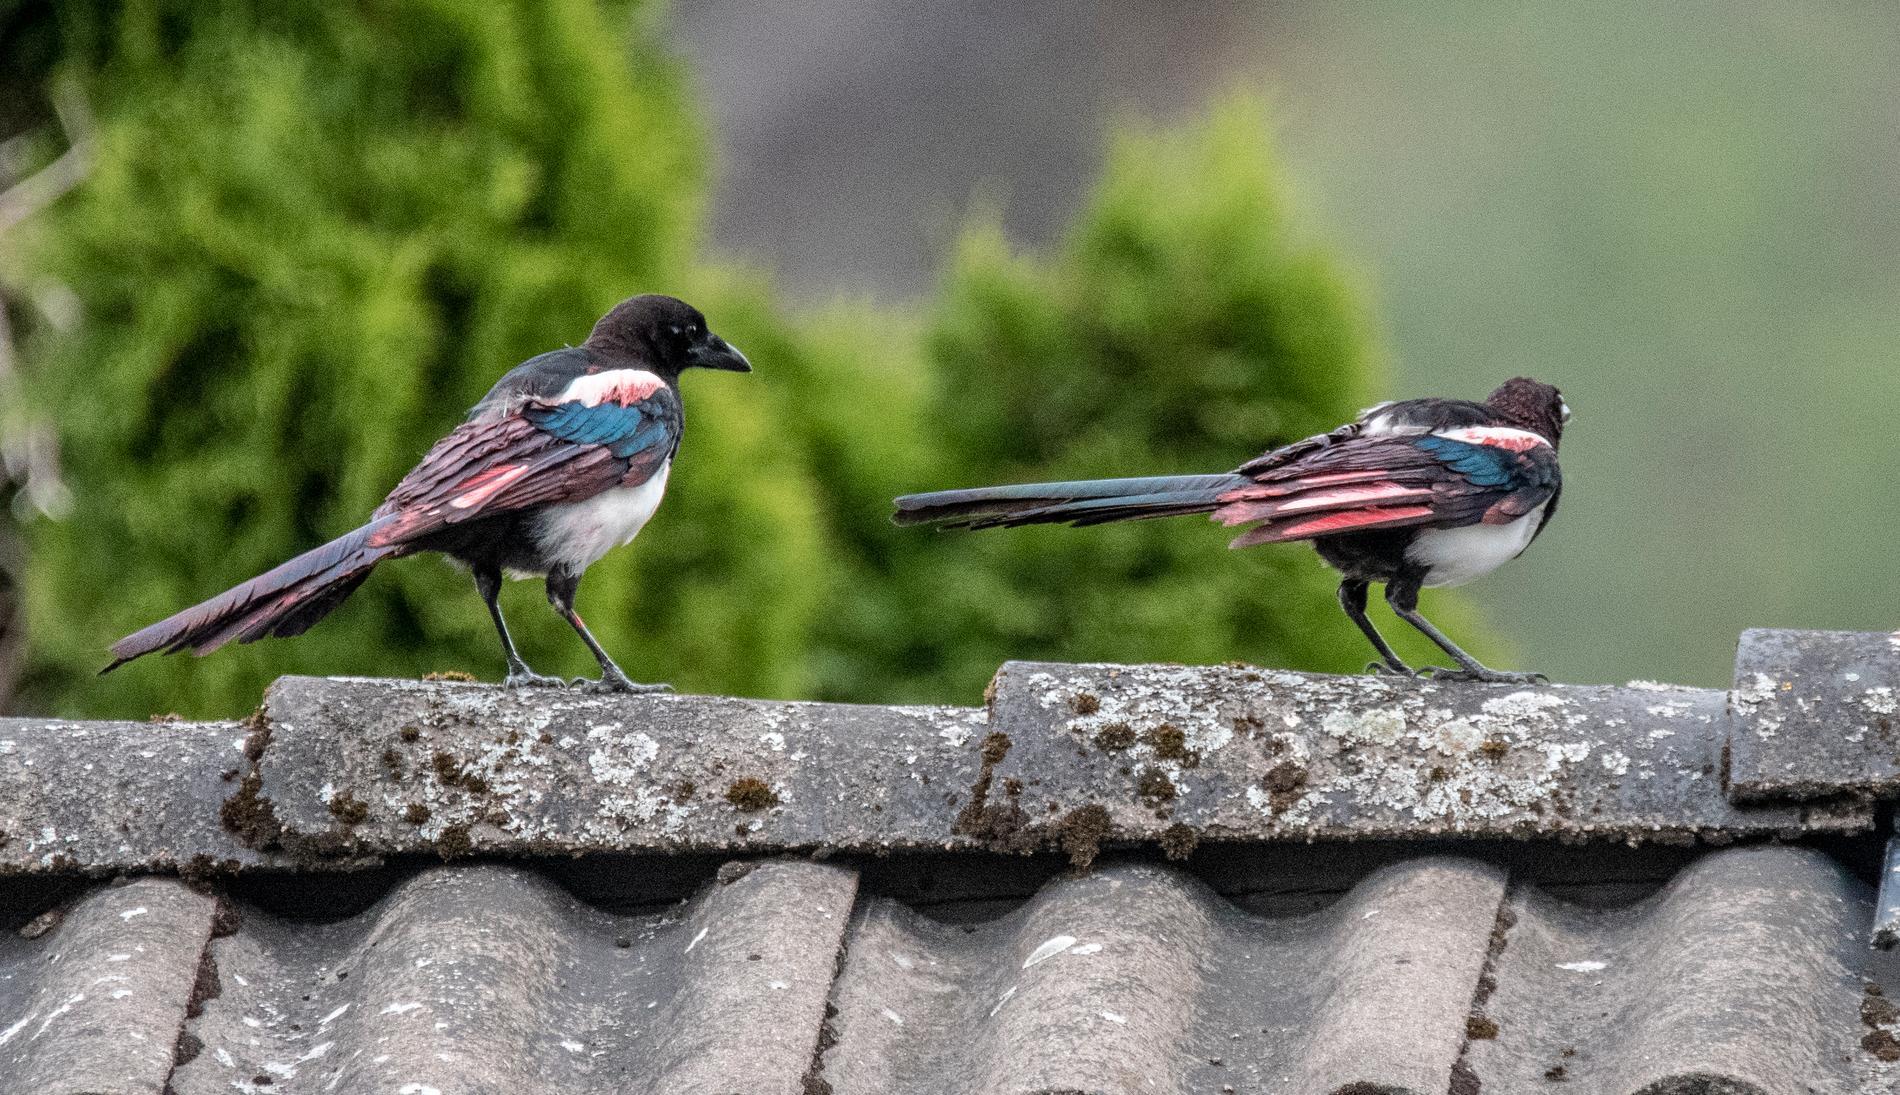 Fåglarna tros vara syskon.